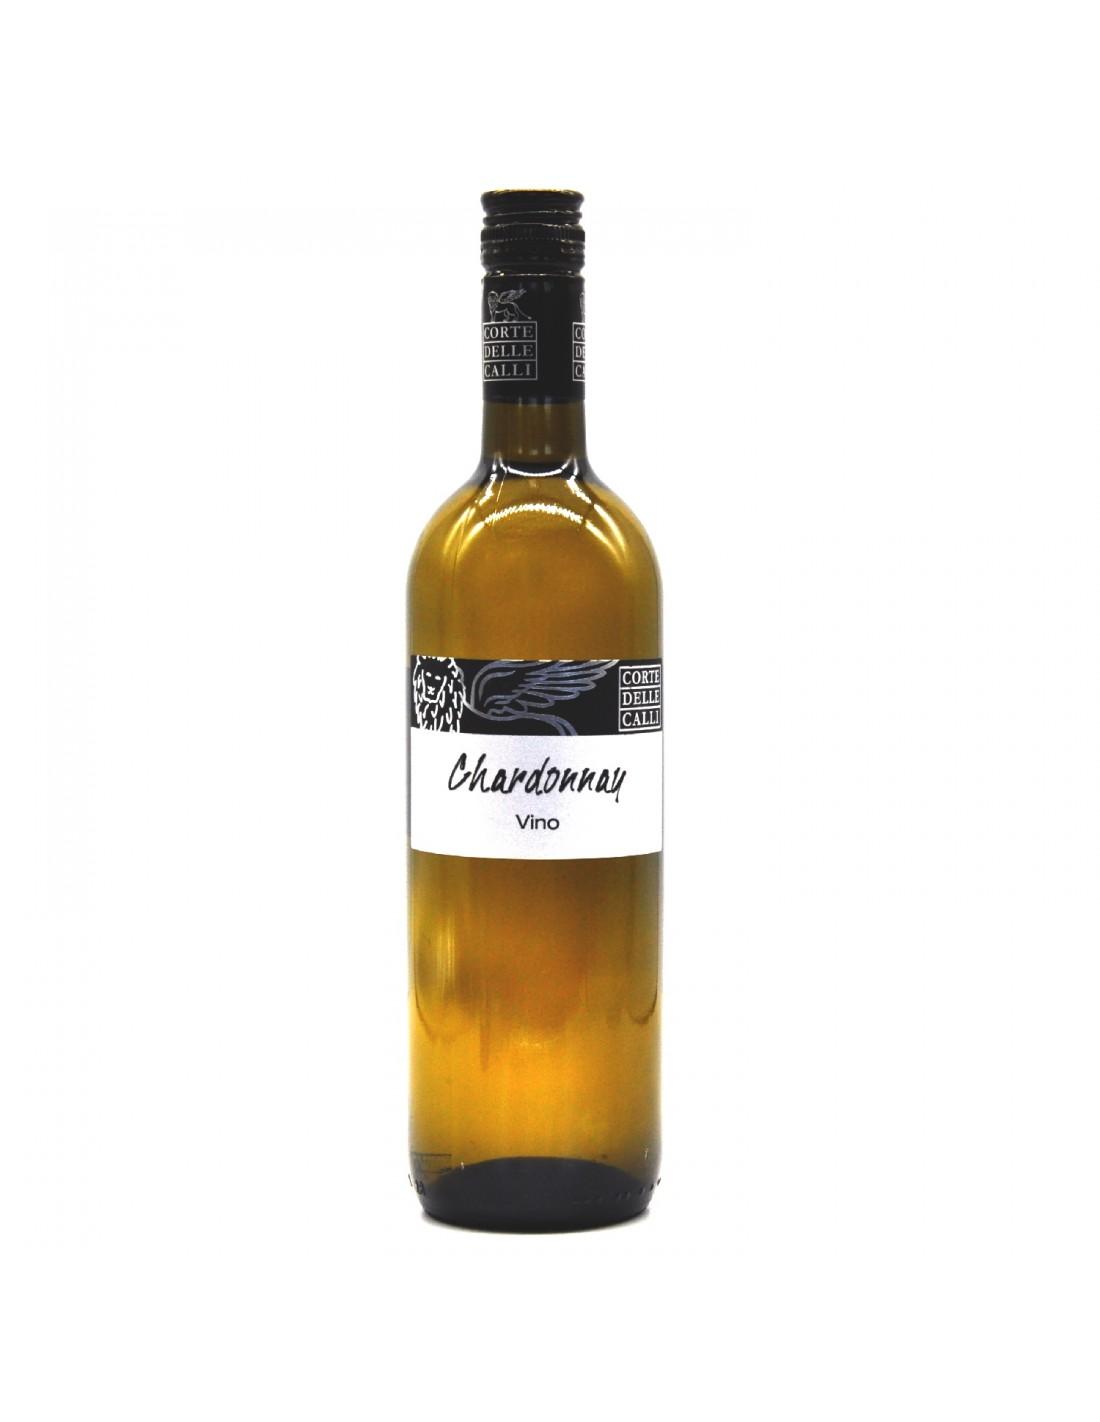 Vin alb, Chardonnay, Corte Delle Calli Conegliano, 11.5% alc., 0.75L, Italia